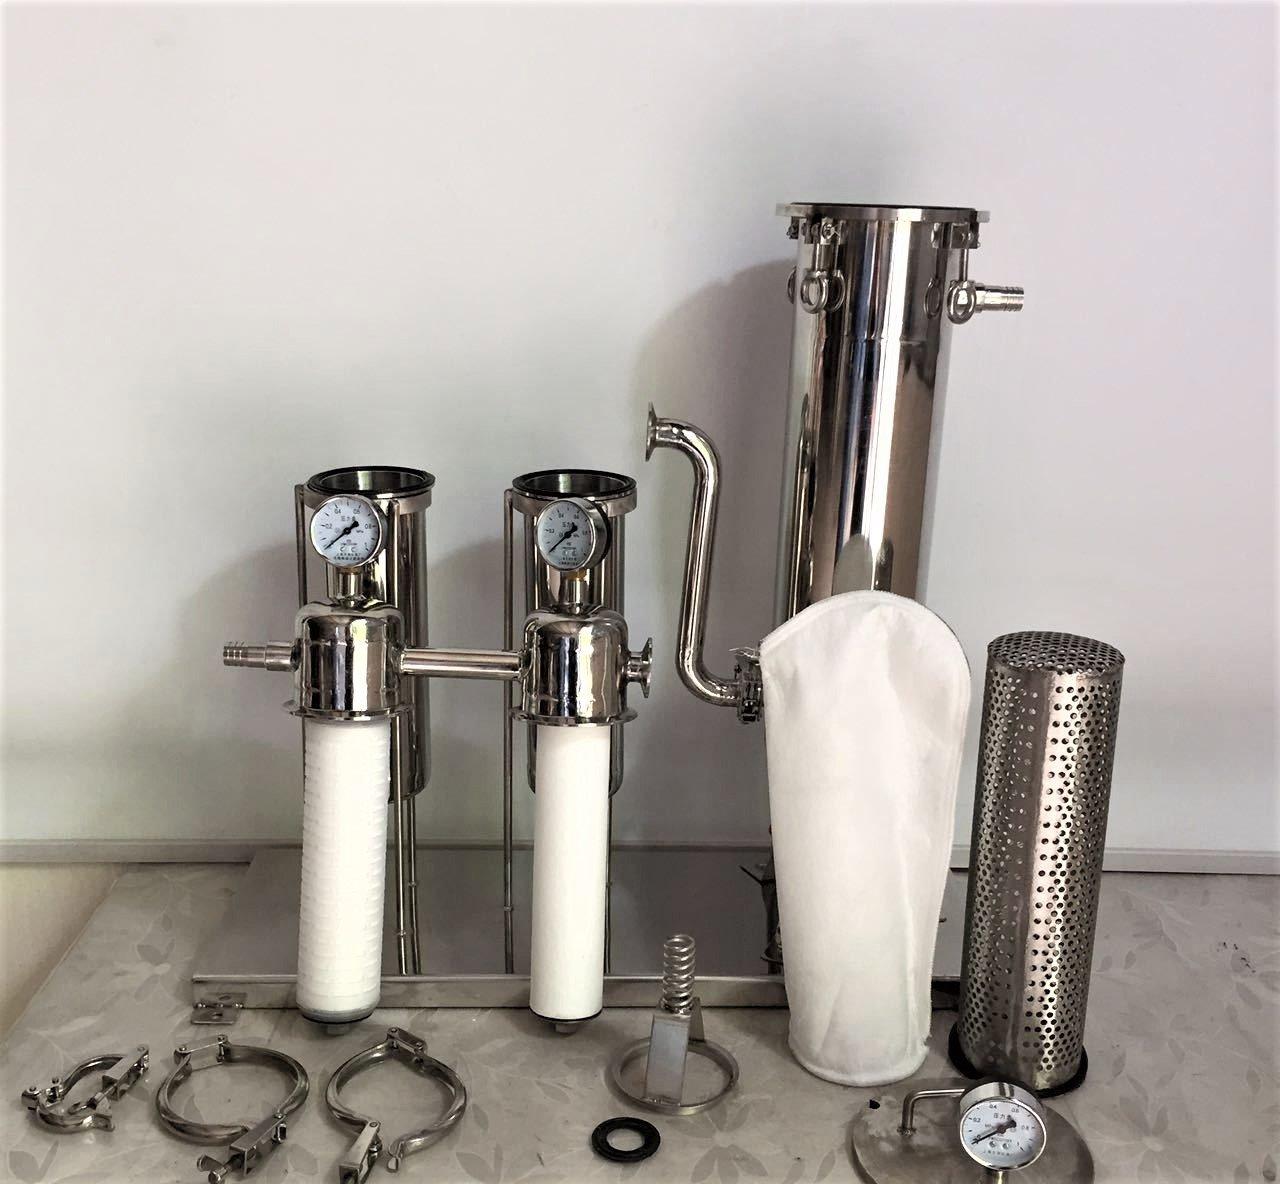 bag filter vessel